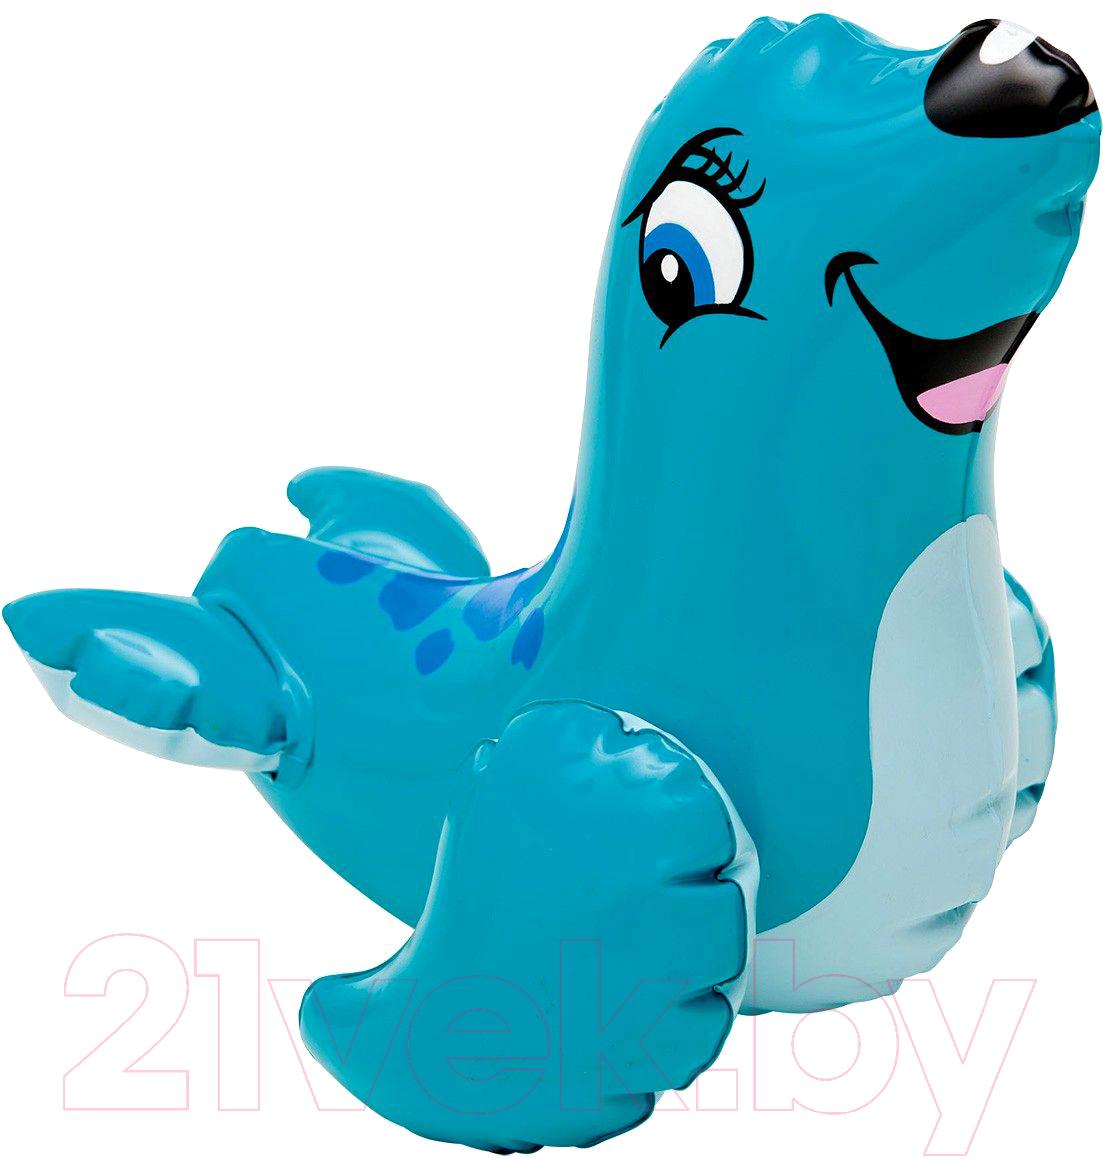 Купить Надувная игрушка для плавания Intex, Надуй и играй 58590 (тюлень), Китай, винил